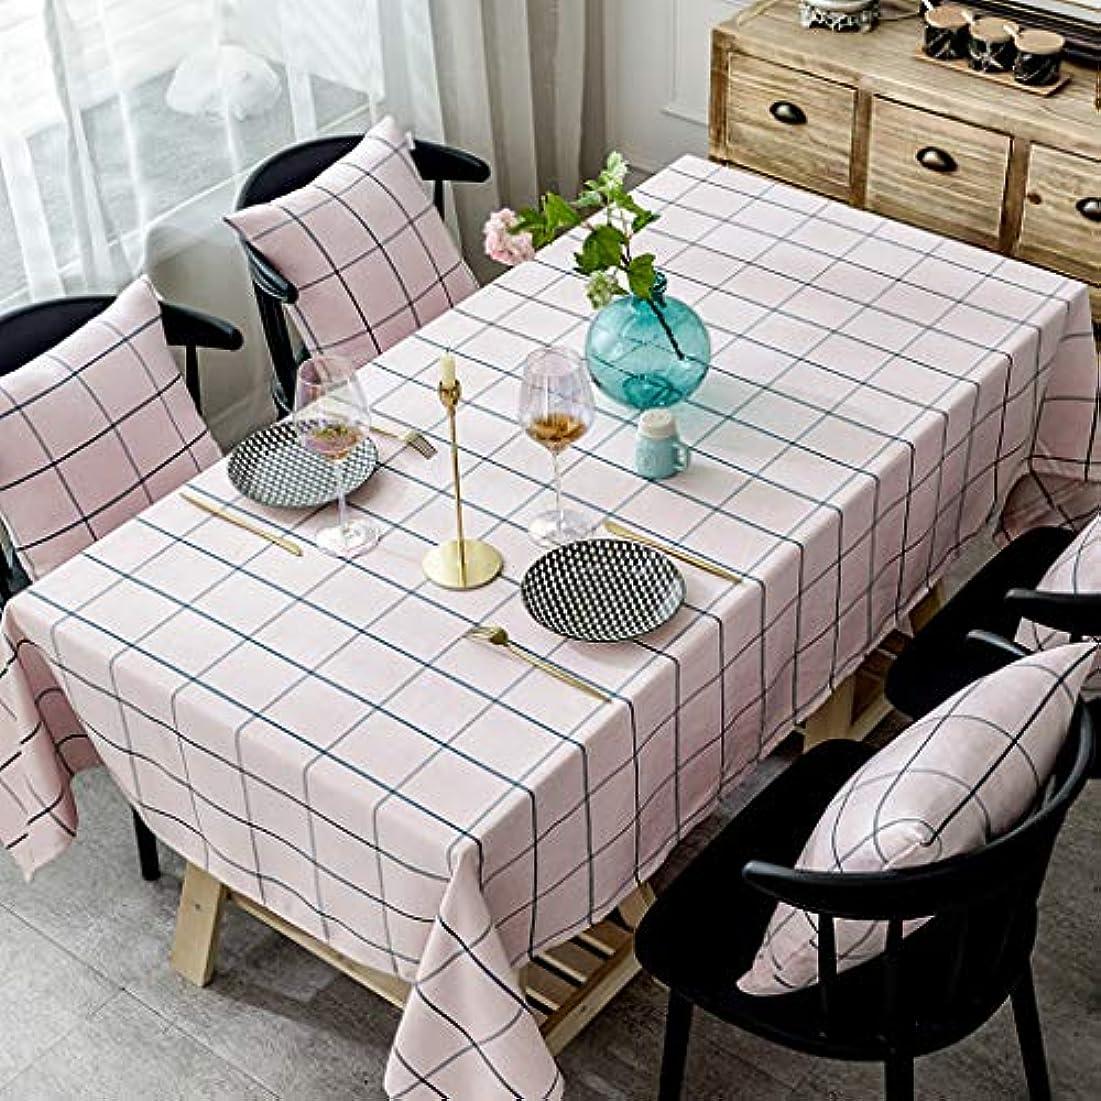 正統派トラック小人格子縞のテーブル クロス,長方形 綿 テーブル防塵 洗える ダイニング用テーブルカバー コーヒーテーブルクリスマスの装飾-ピンク 130x180cm